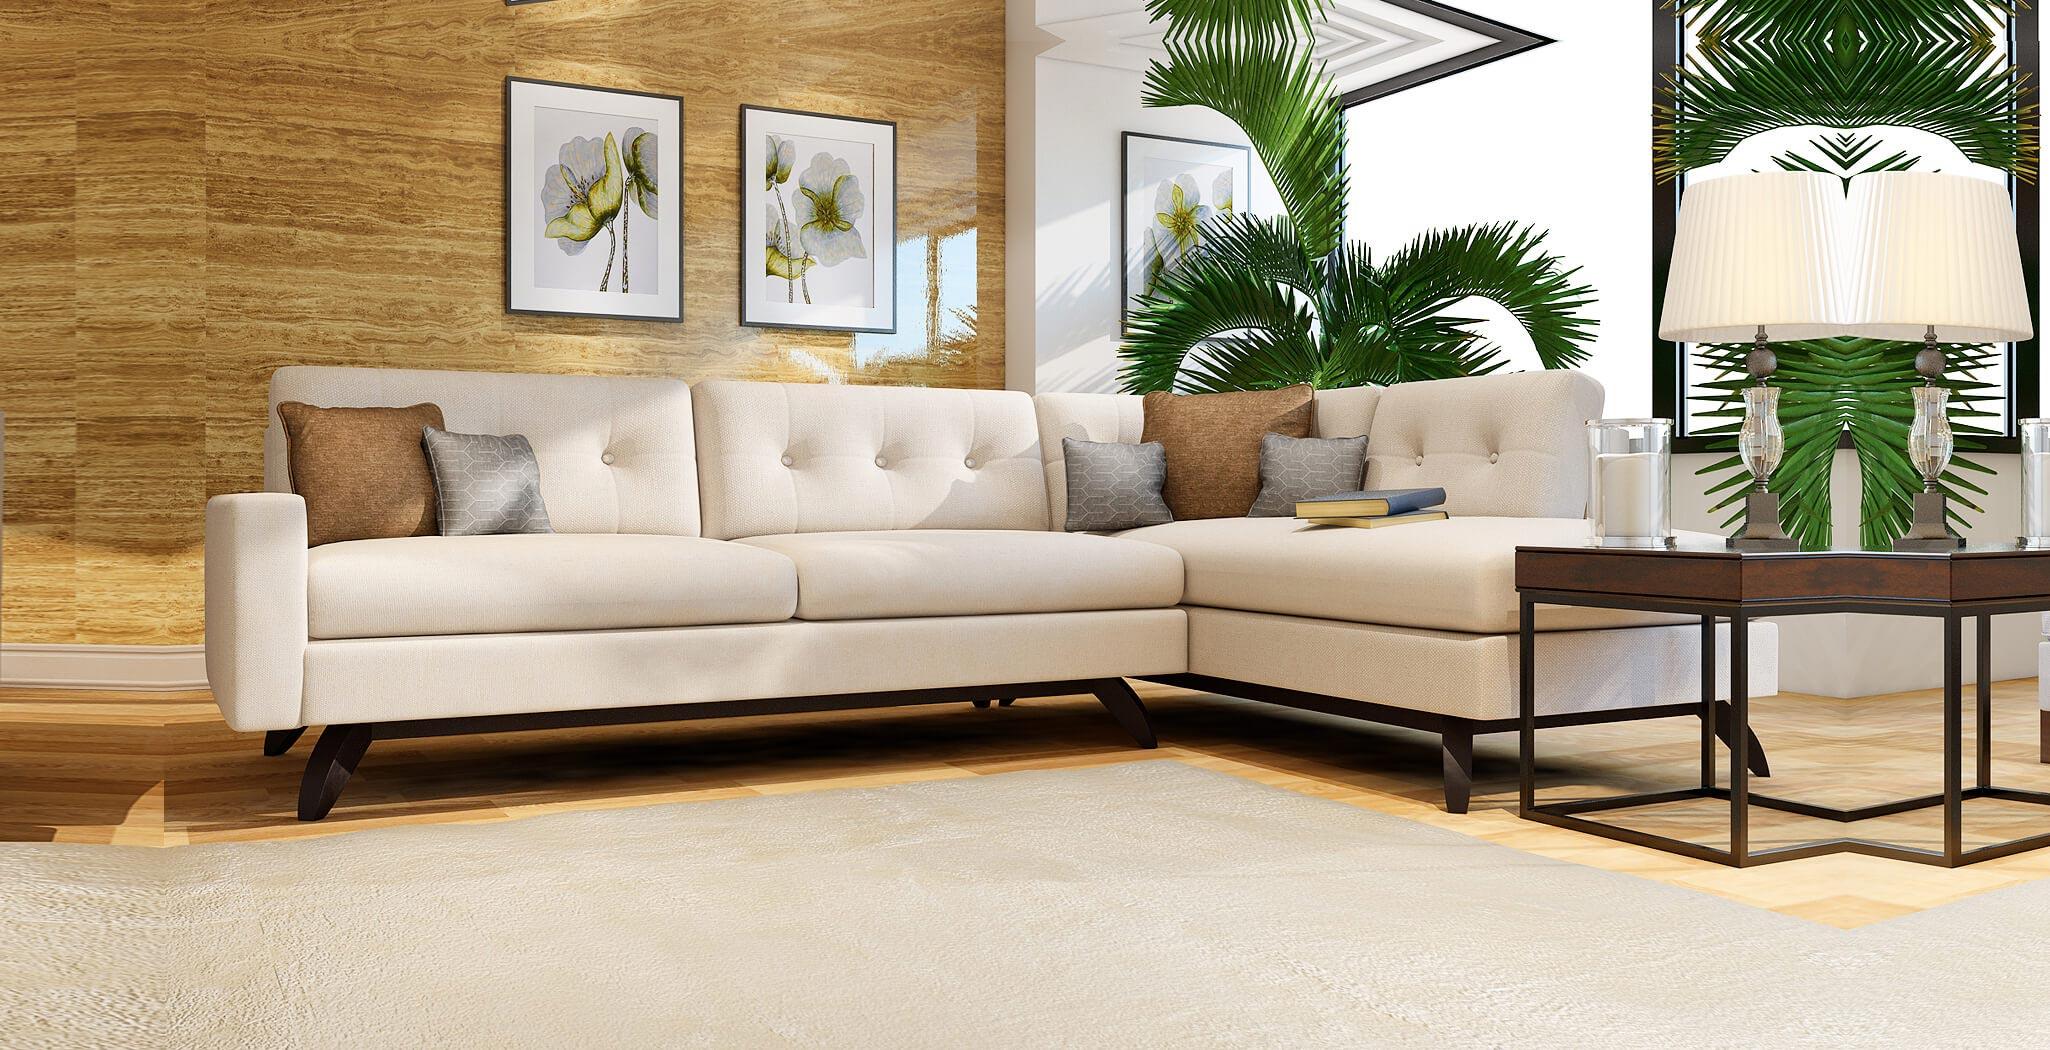 milan panel furniture gallery 1